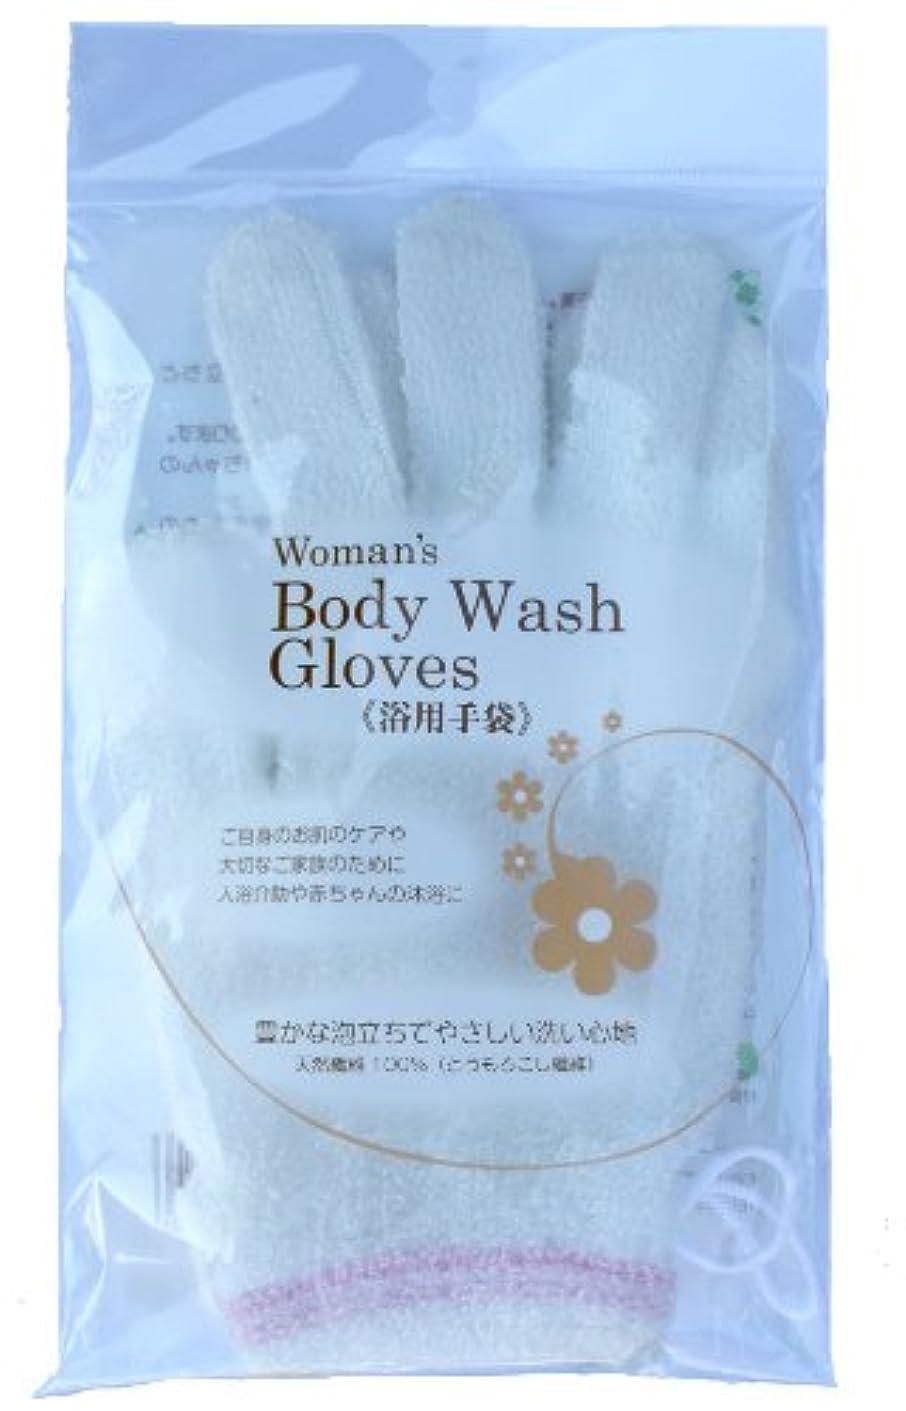 範囲ビールずっとエフケー工業 Body Wash Gloves (浴用手袋)